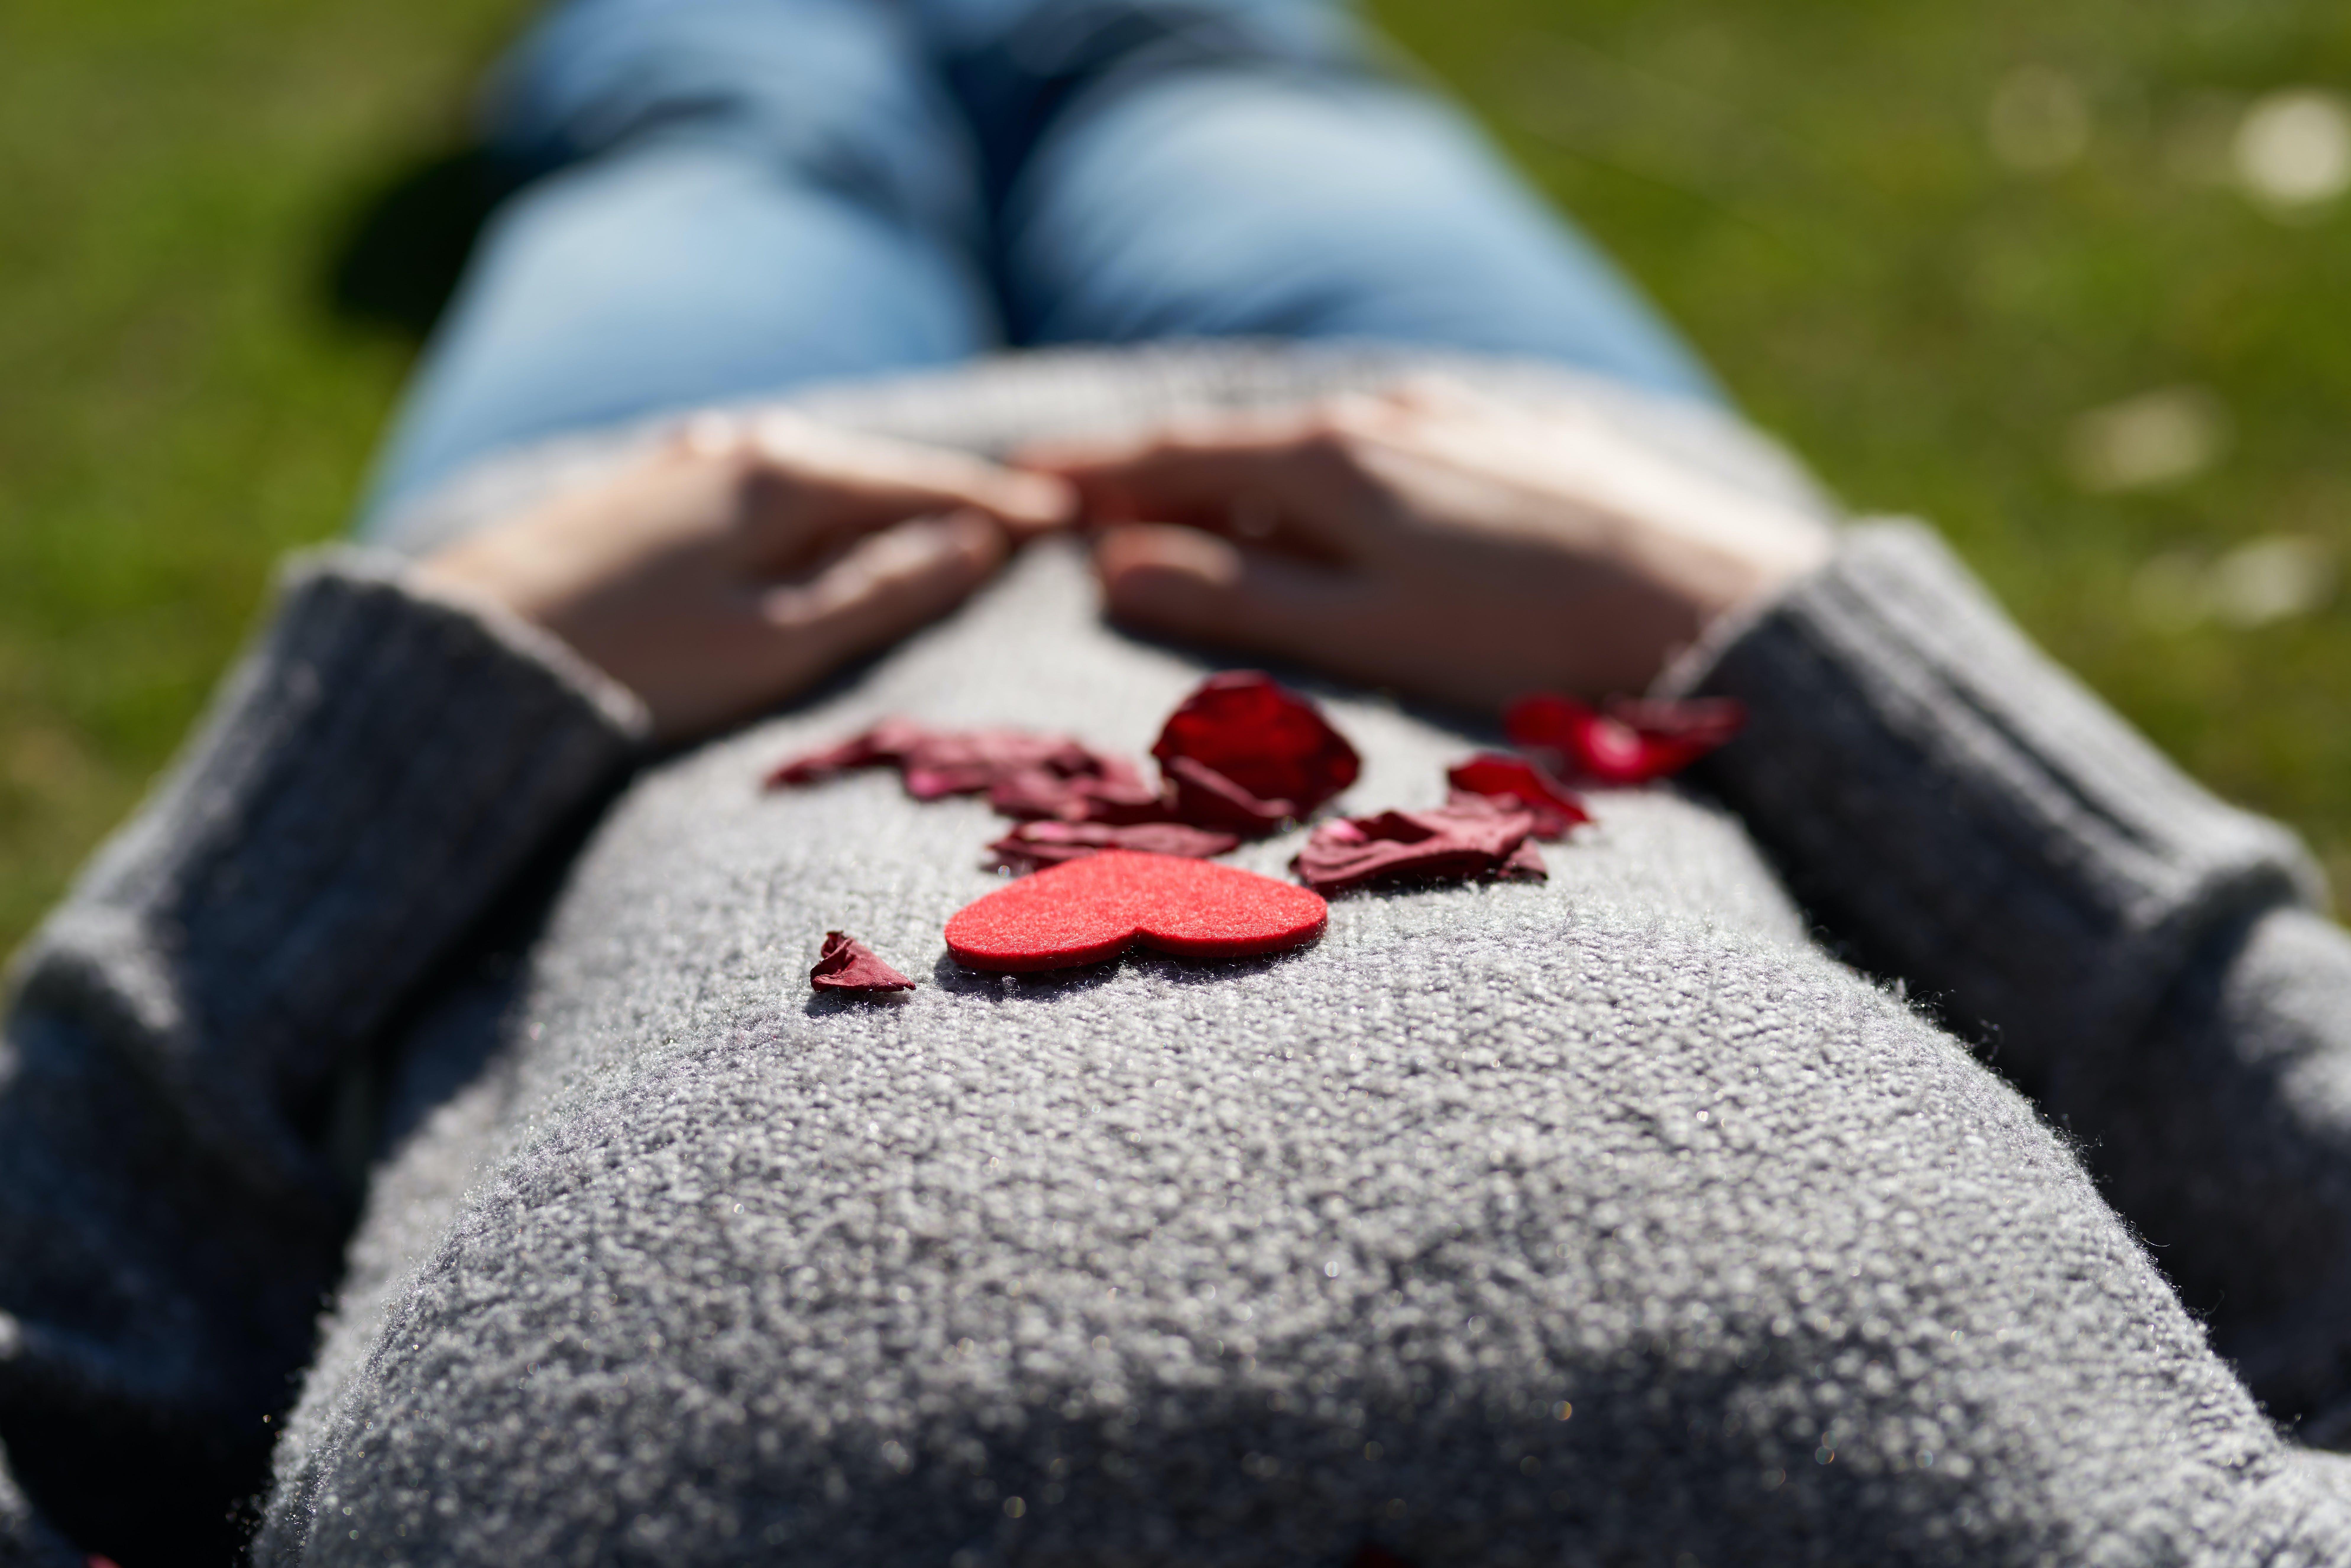 꽃잎, 손, 심장의 무료 스톡 사진